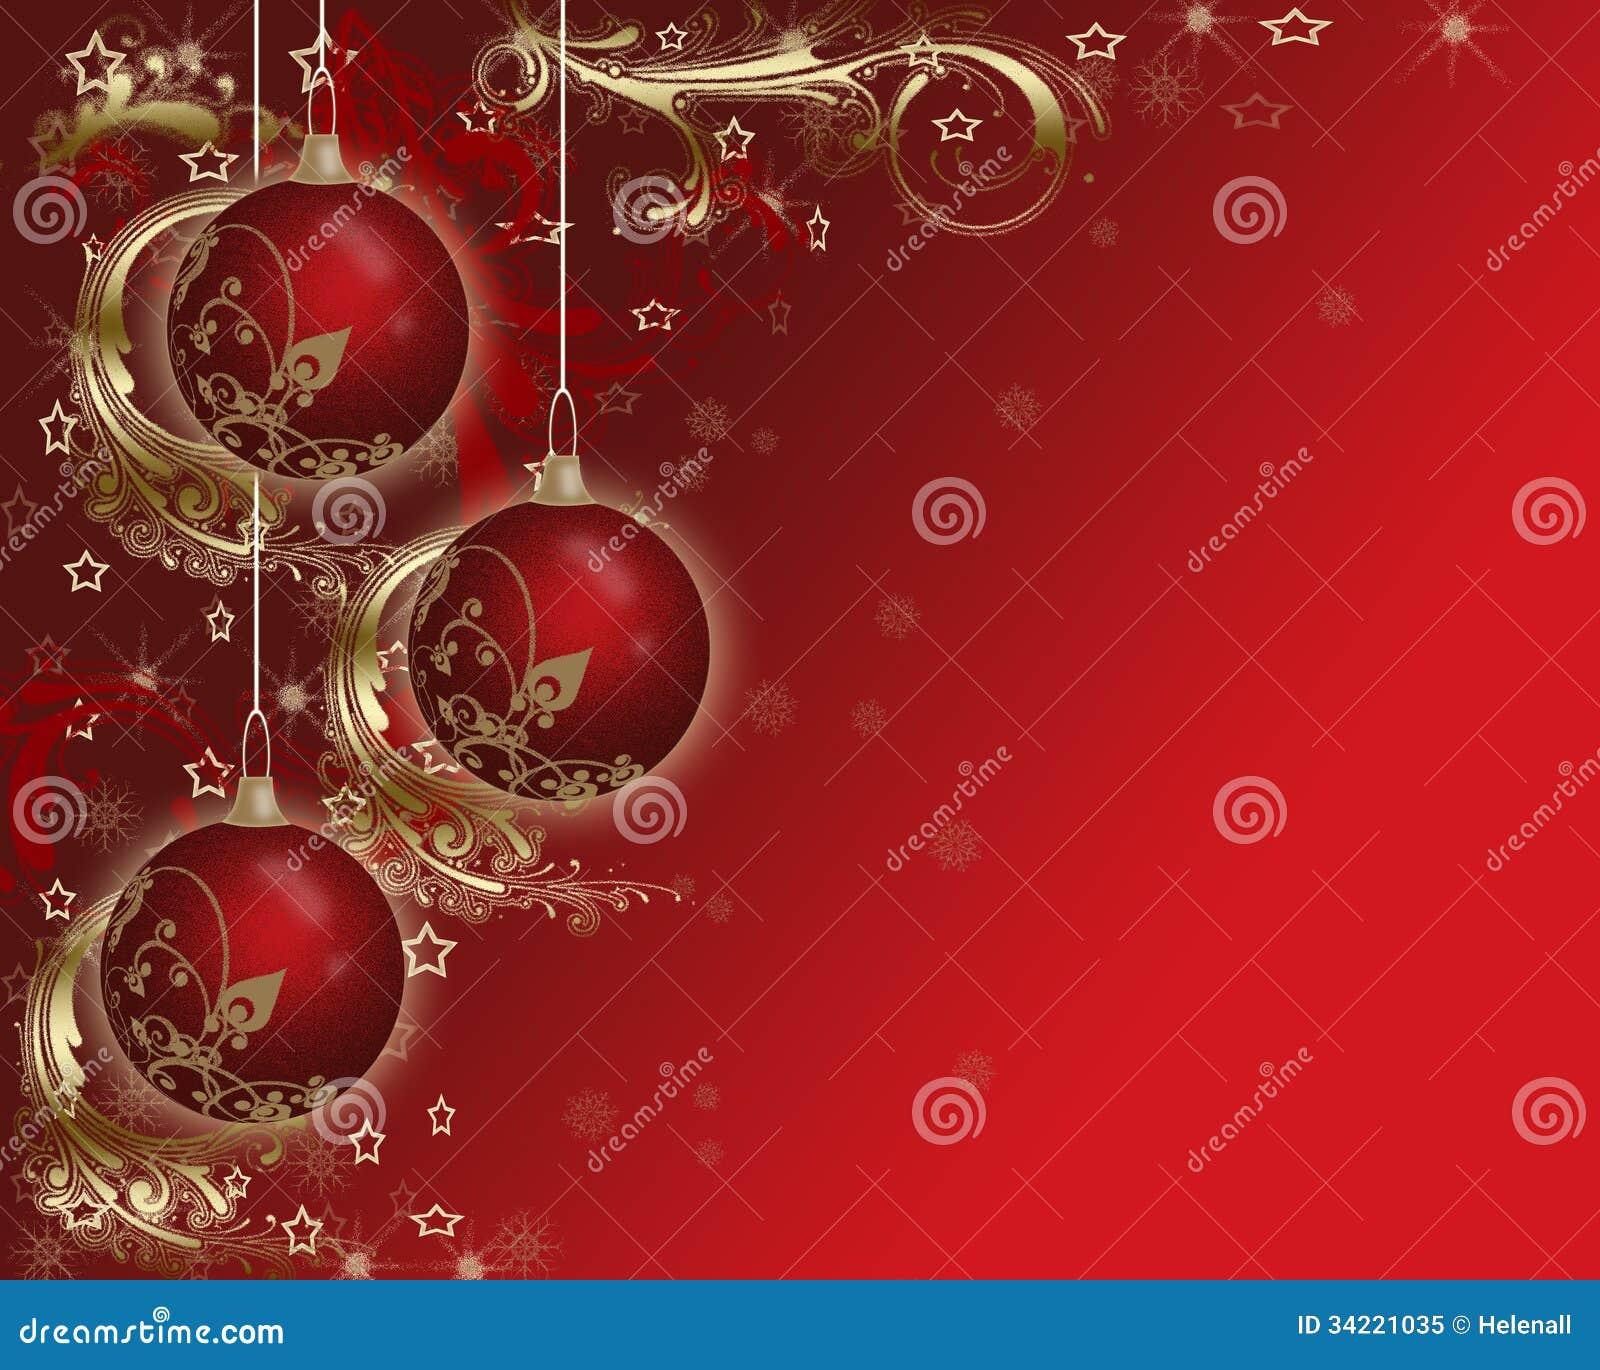 Hintergrund von weihnachtskarten stock abbildung illustration von schneeflocken jahr 34221035 - Bilder weihnachtskarten ...